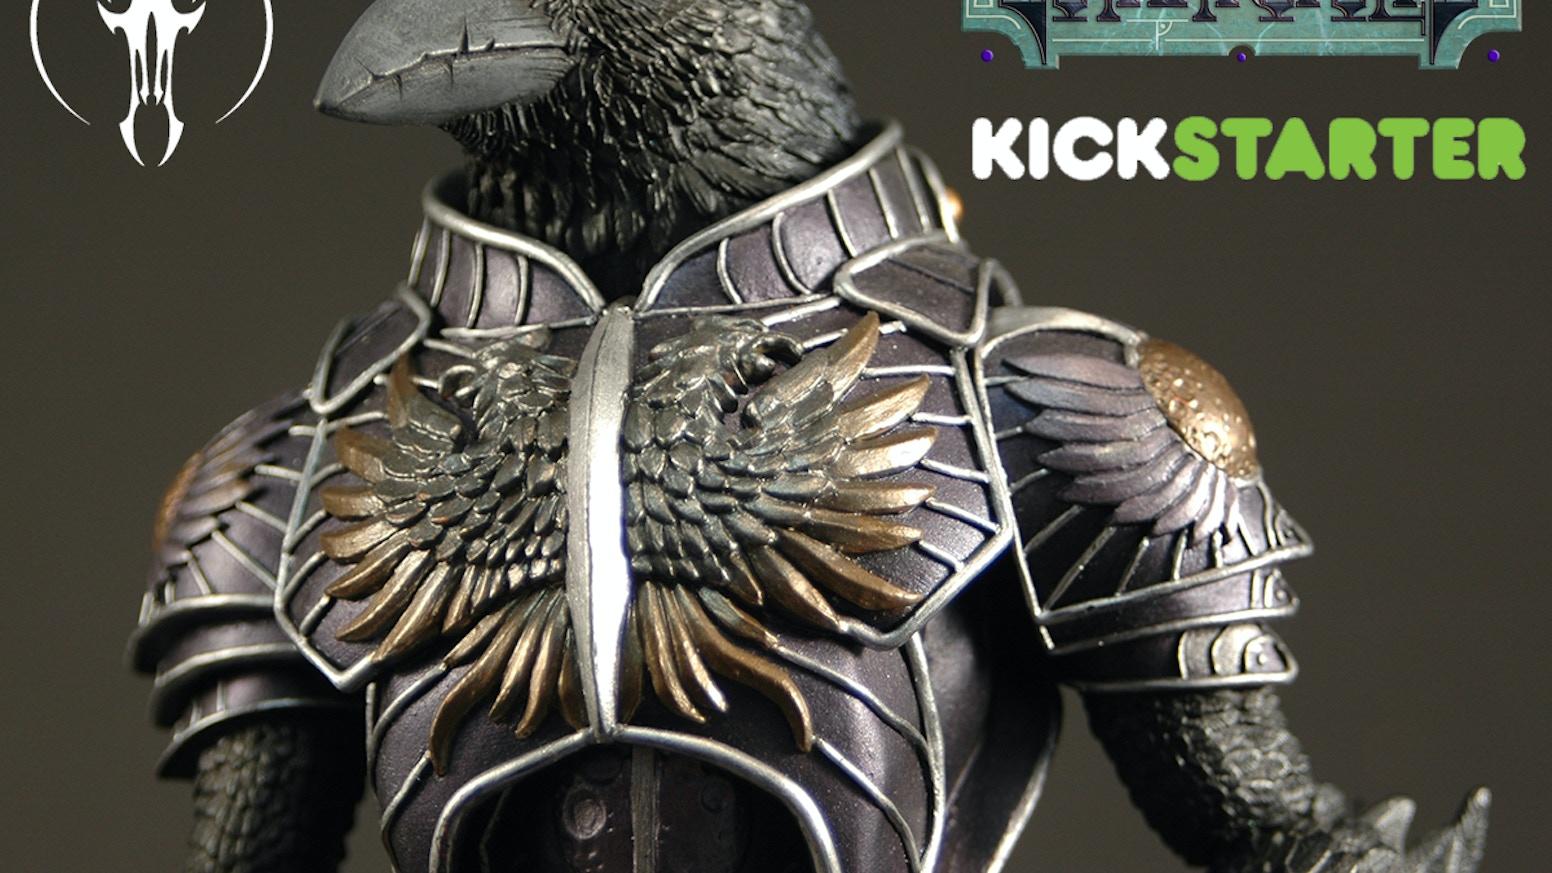 Gothitropolis Raven Action Figure by Four Horsemen Studios